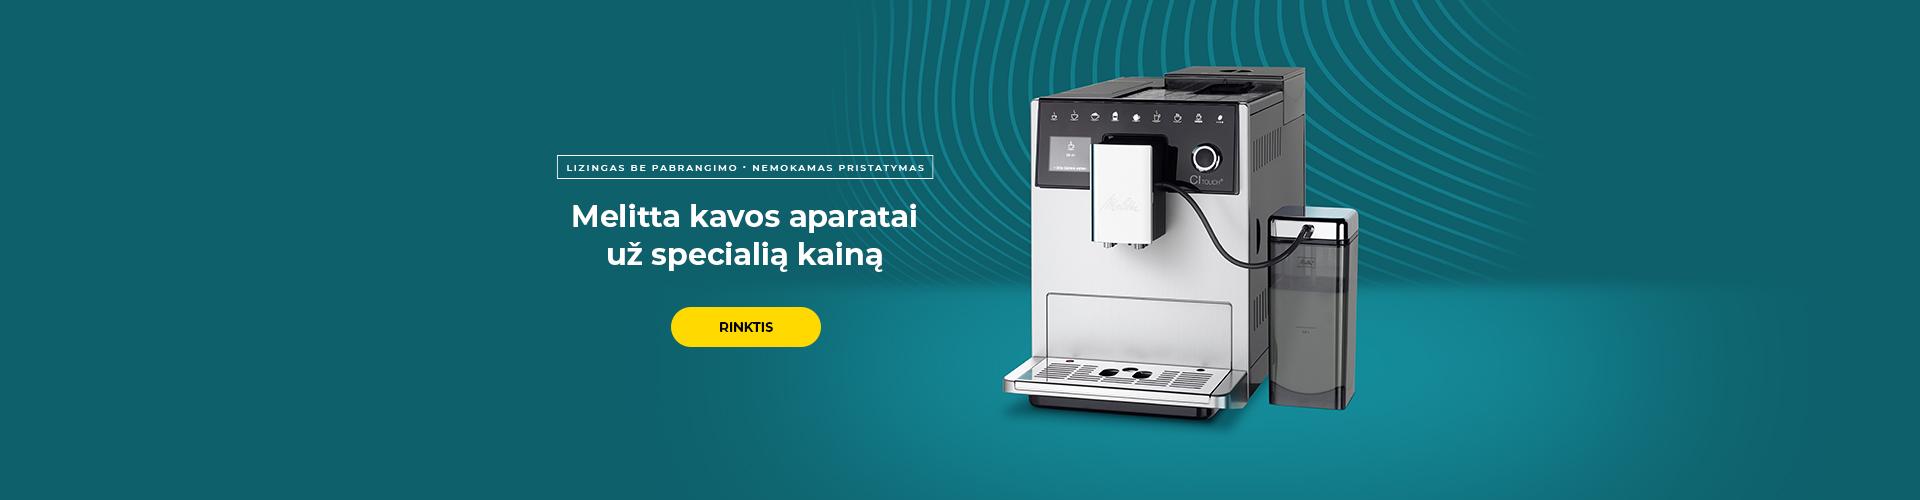 Melitta kavos aparatai už specialią kainą